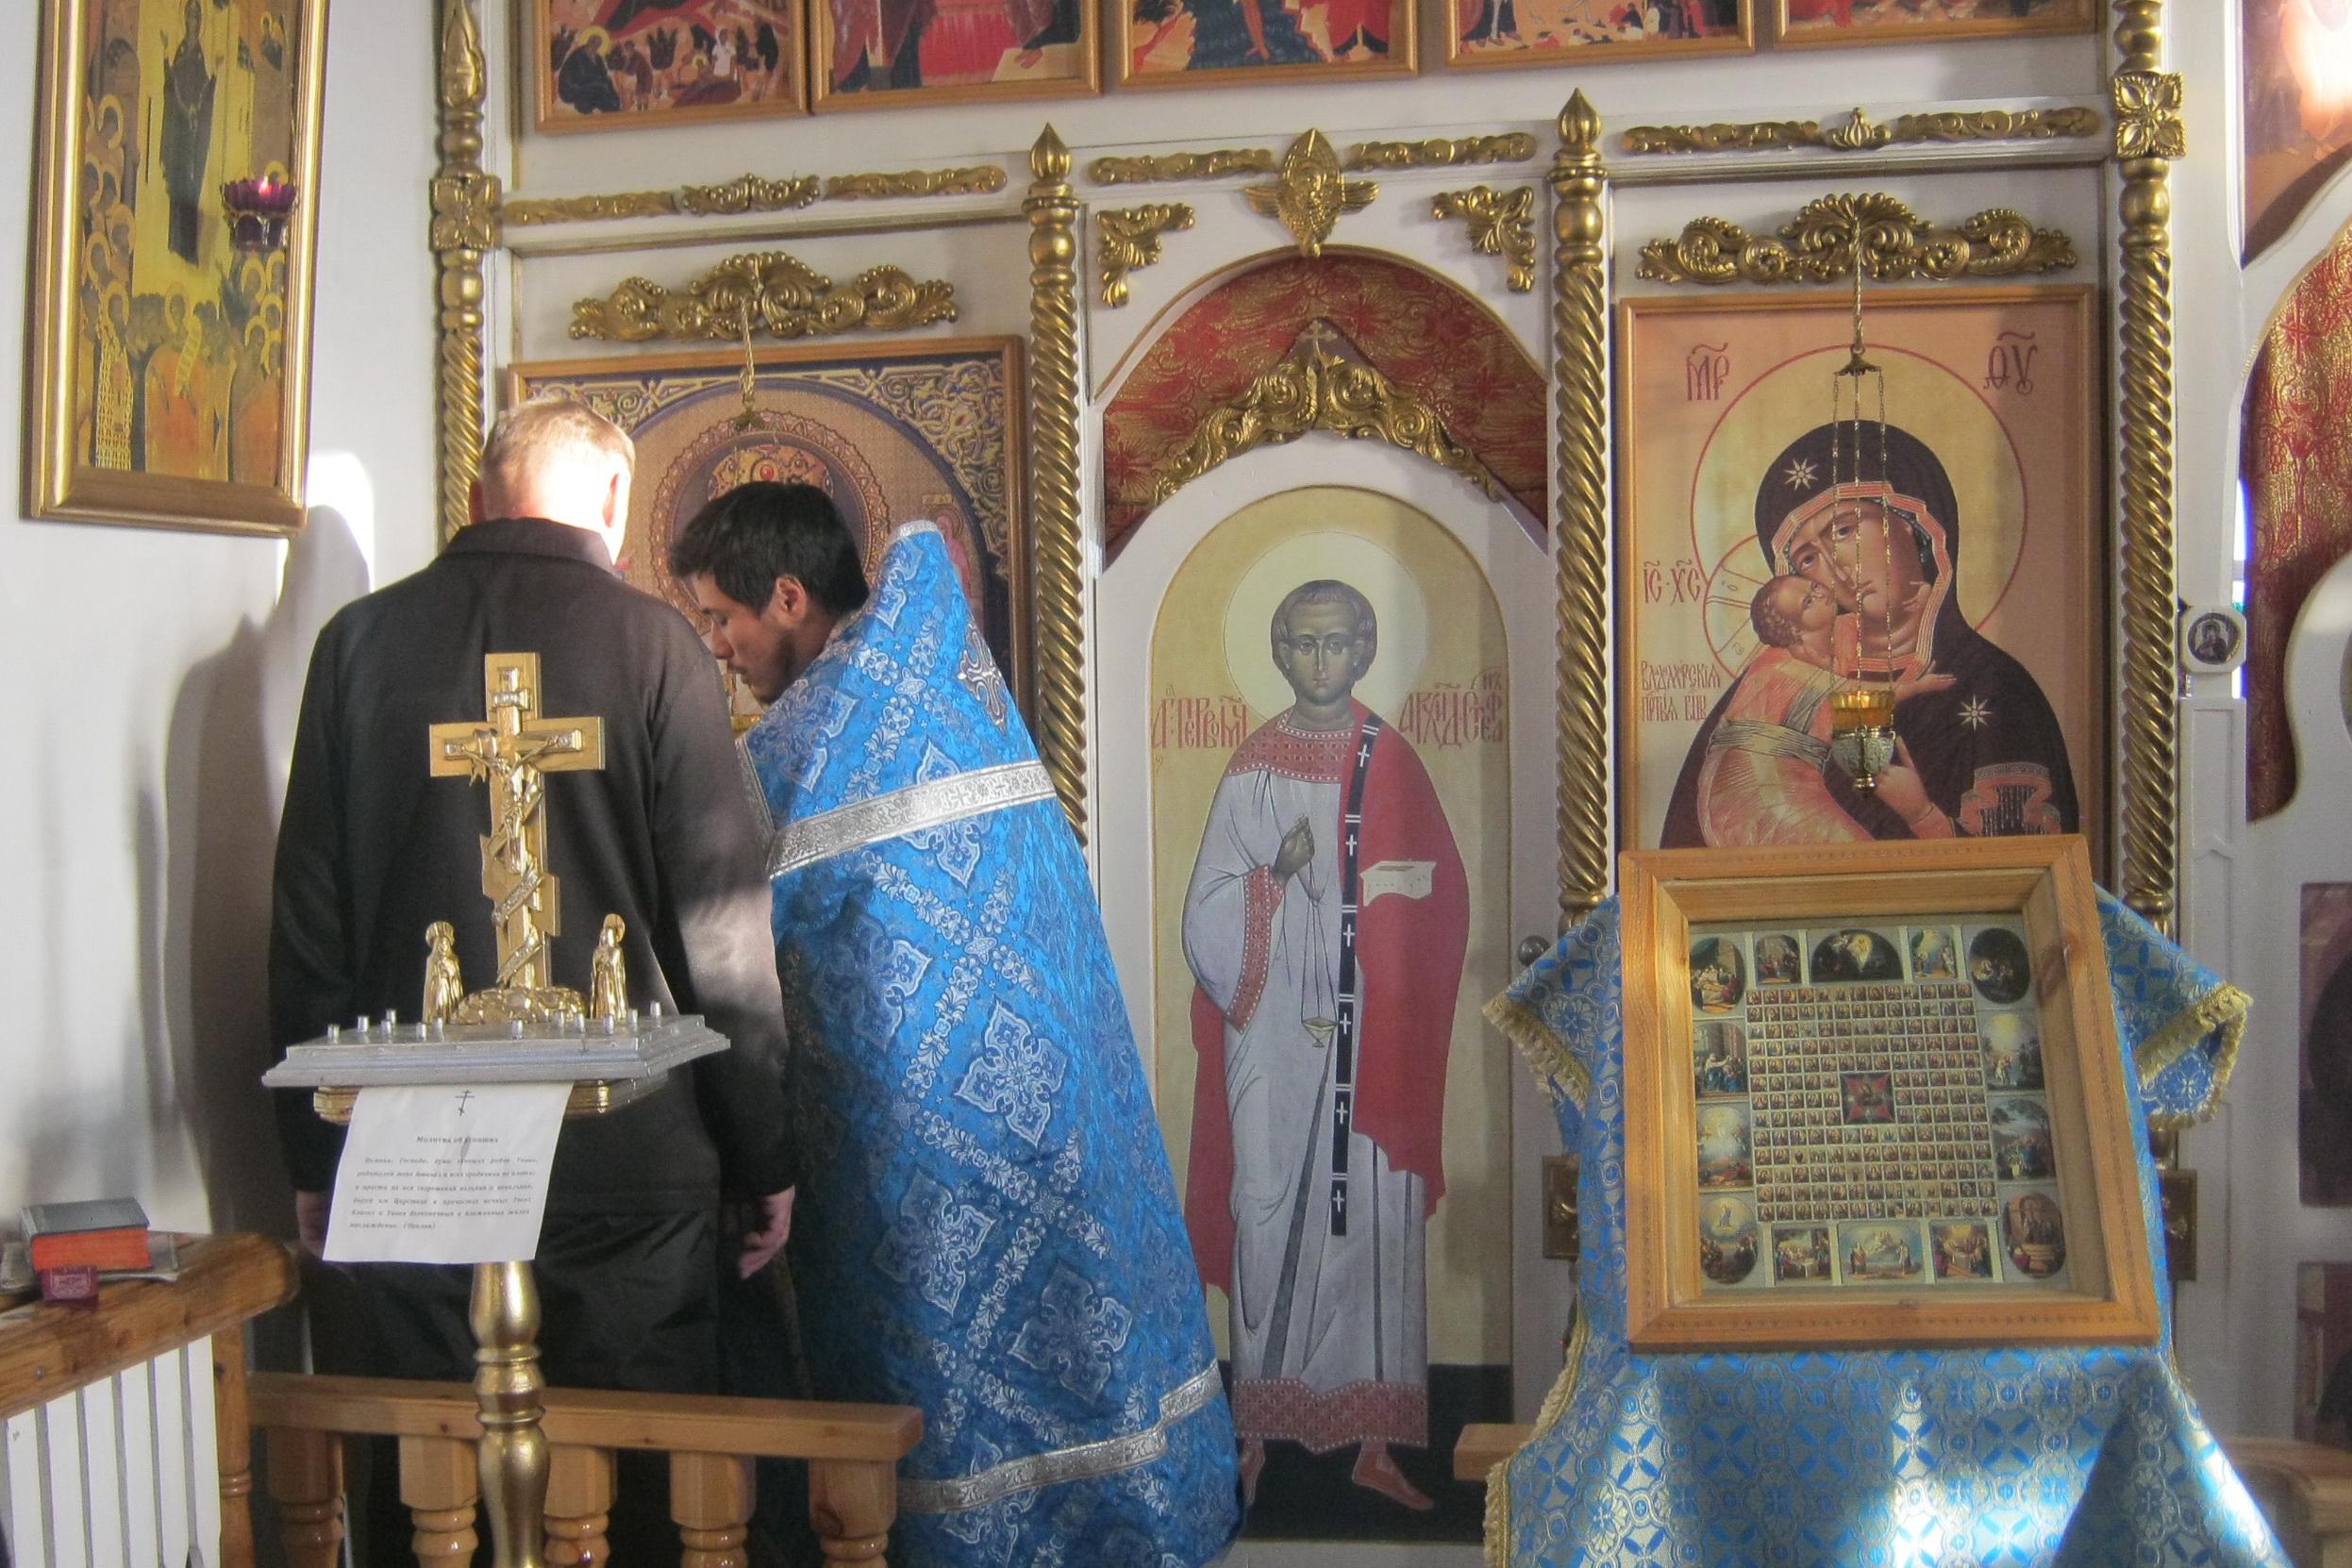 Божественная литургия прошла в исправительной колонии № 8 Бурятии